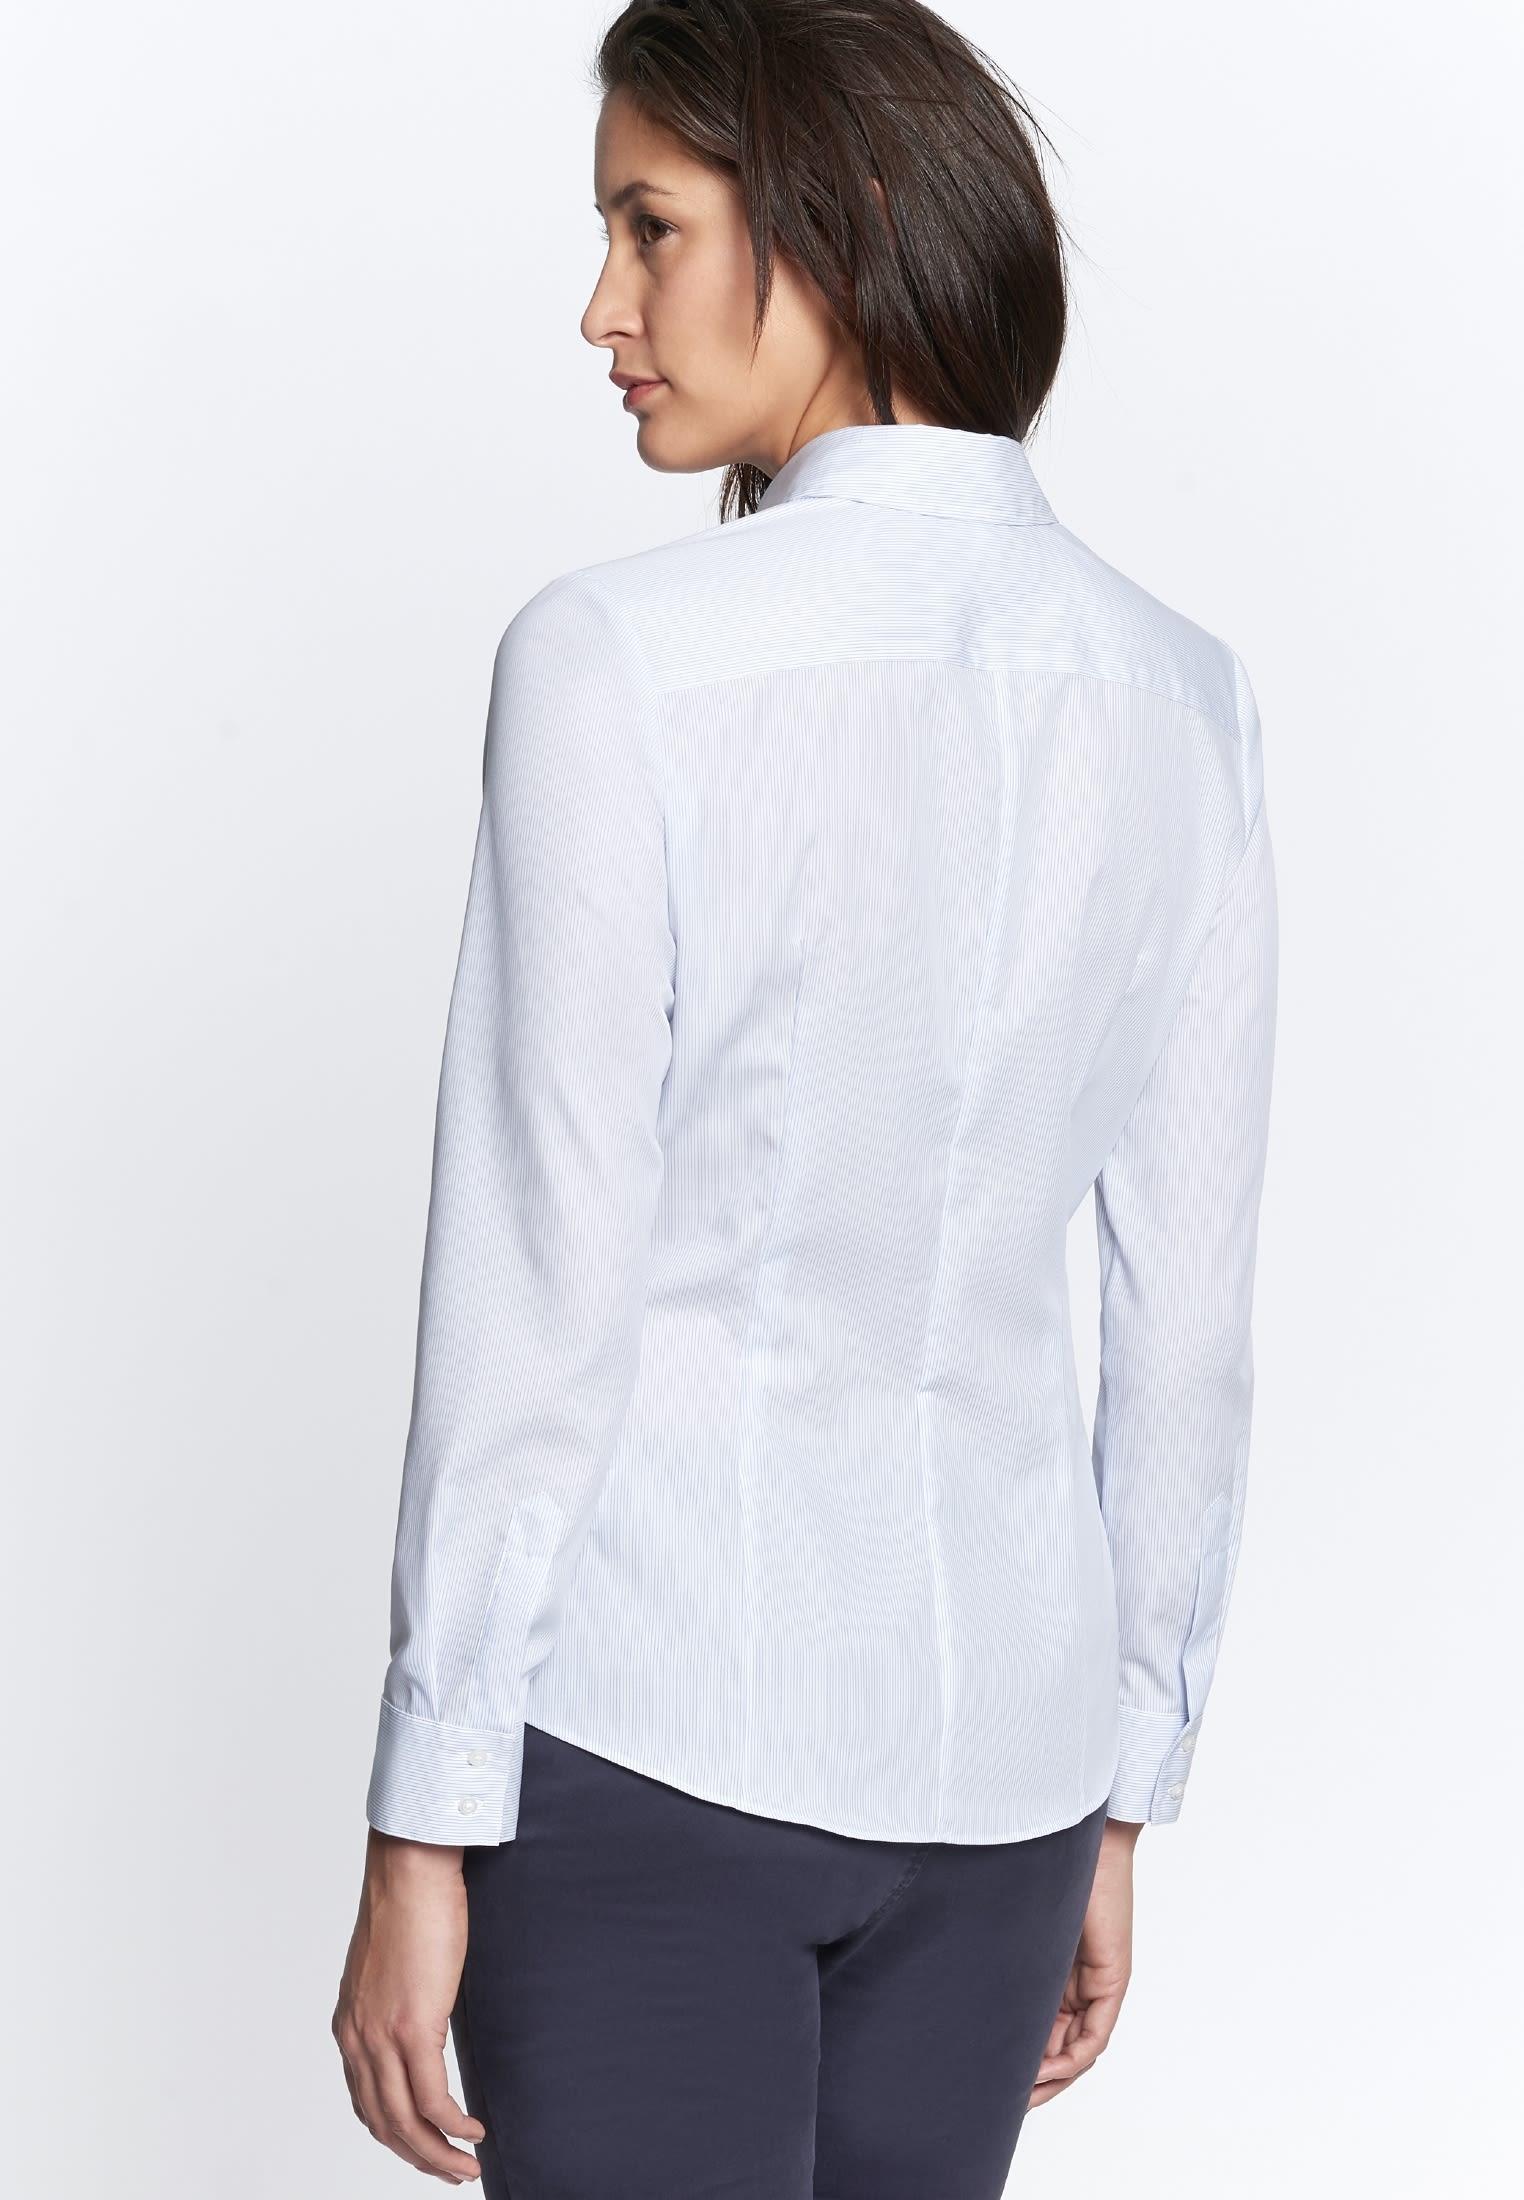 Bügelfreie Popeline Hemdbluse aus 100% Baumwolle in Streifen weiß/blau |  Seidensticker Onlineshop